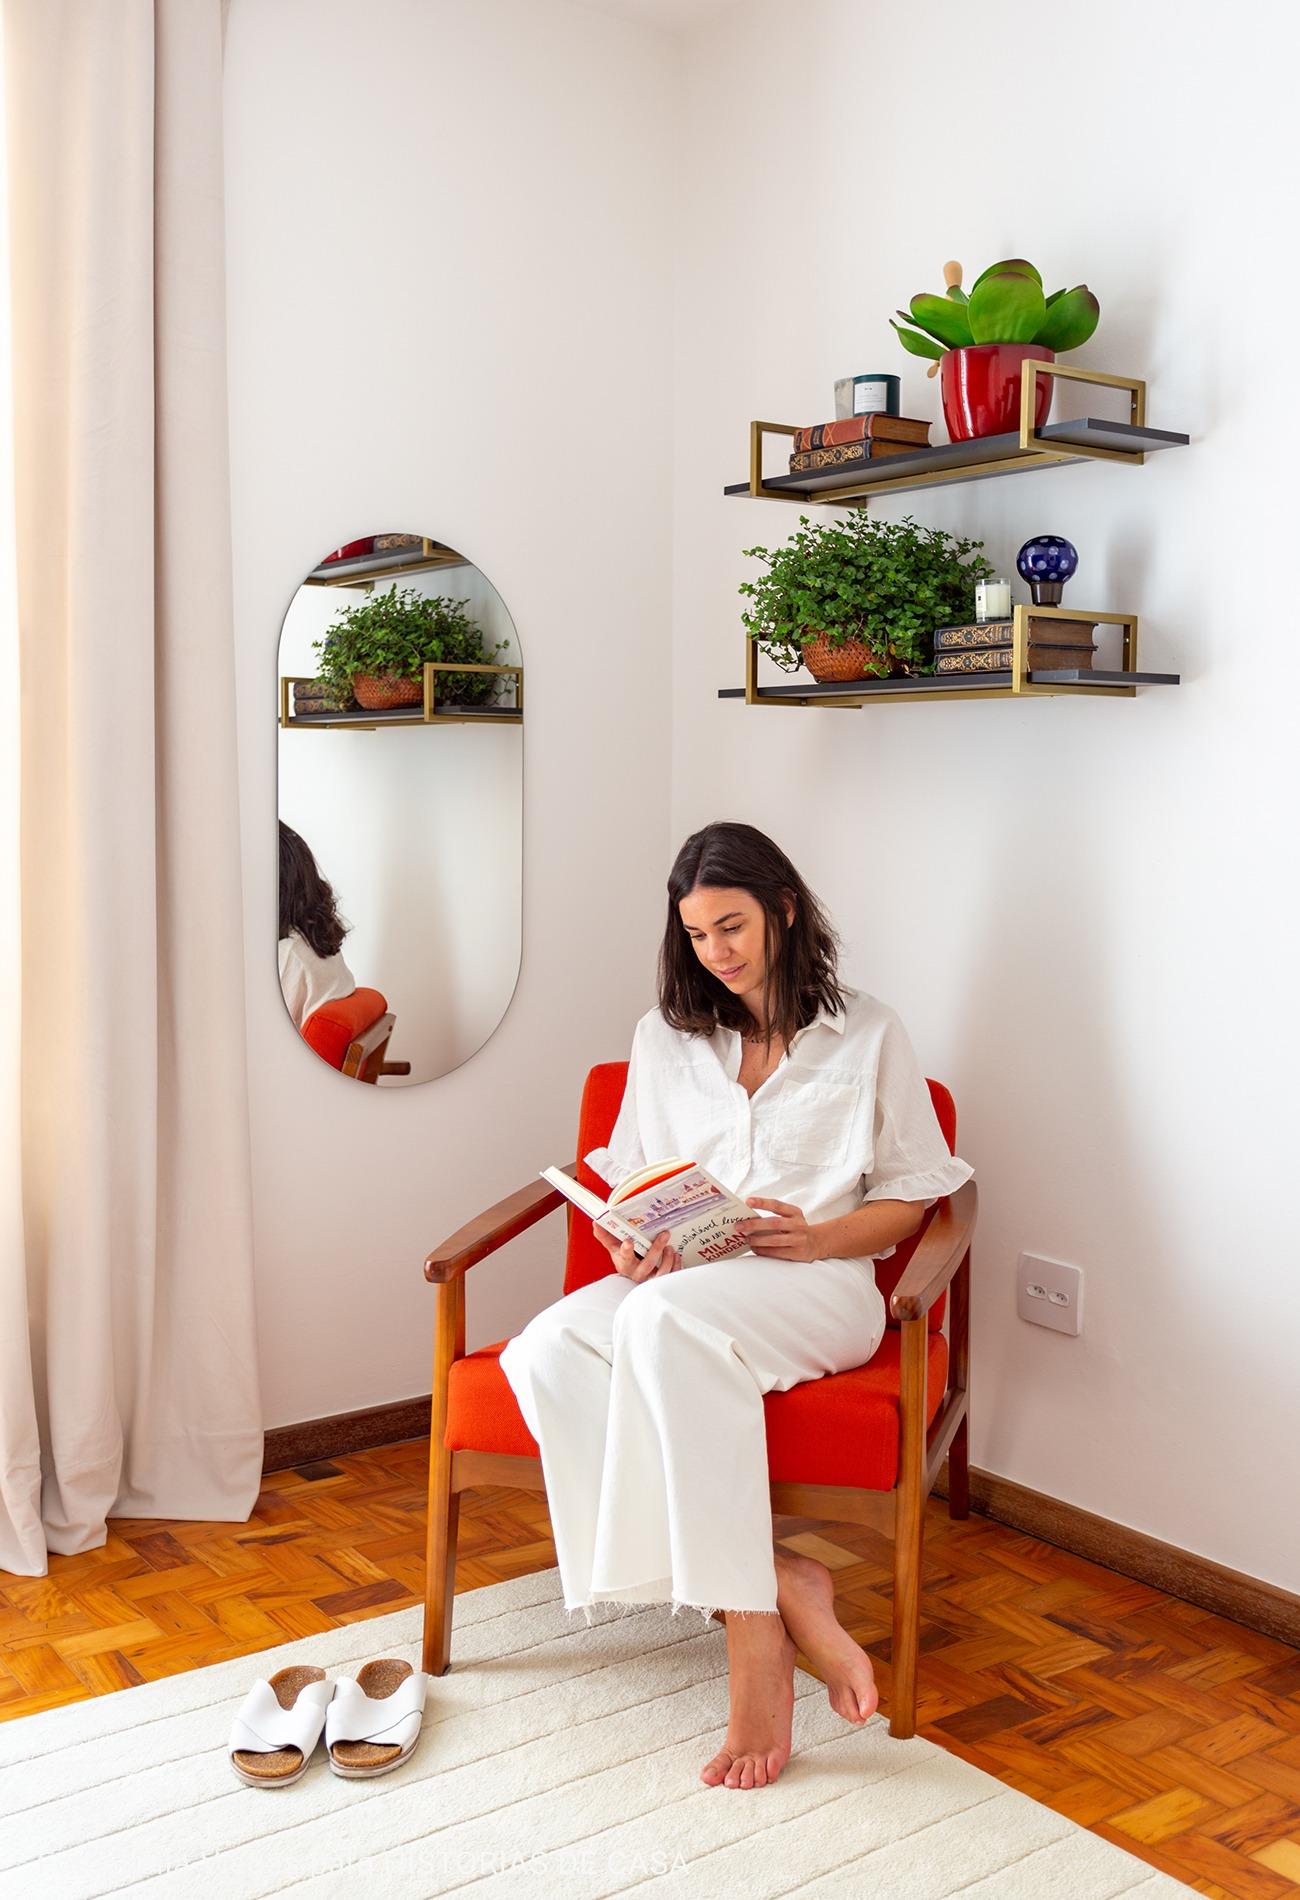 quarto com espaço pars leitura